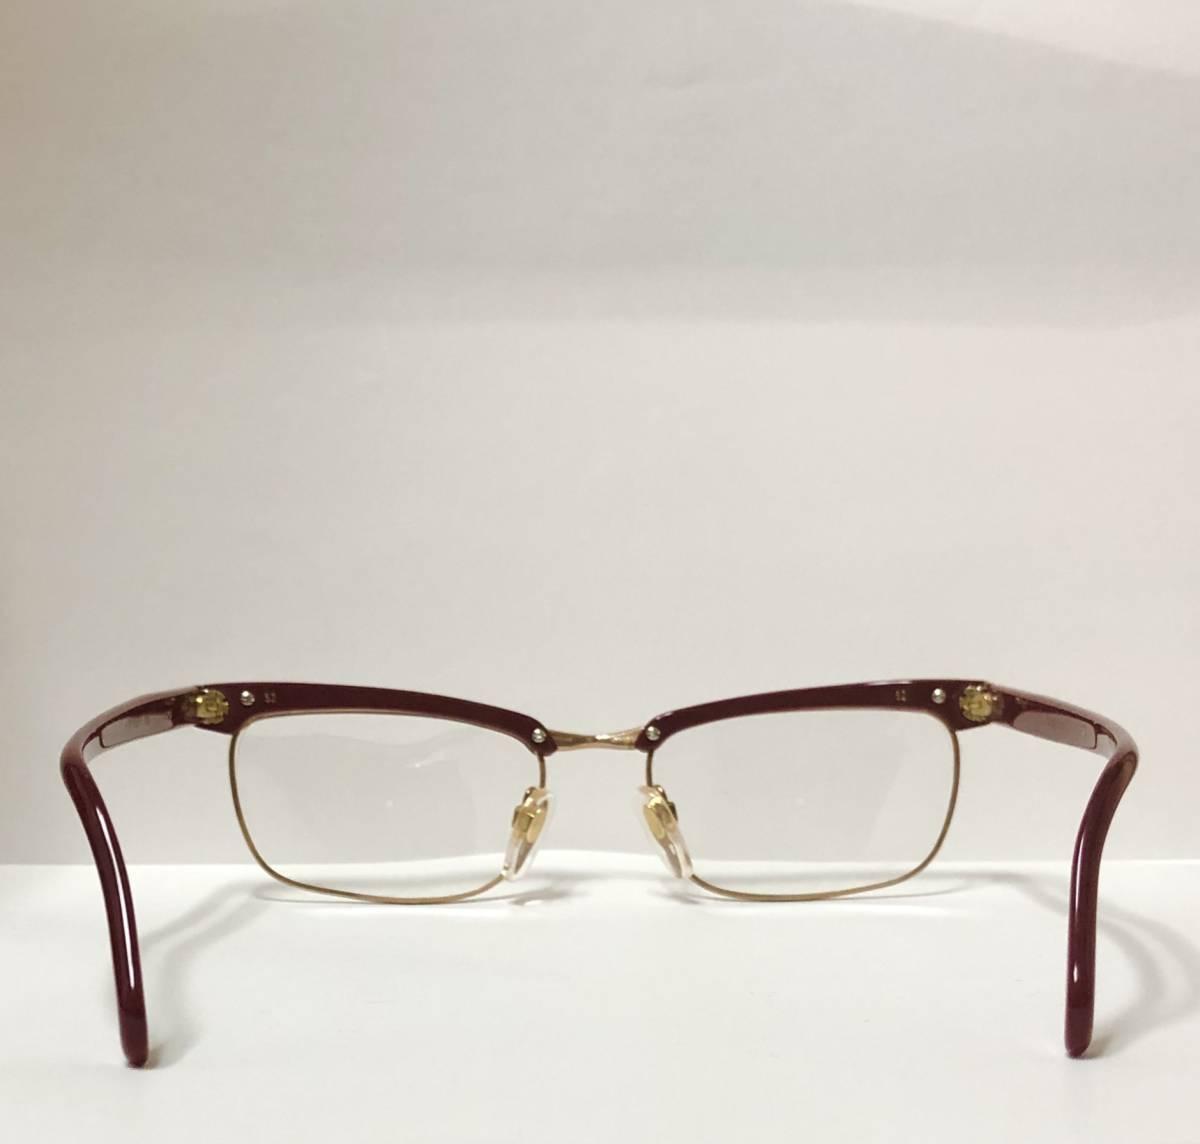 1960年代・新品】西ドイツ製ローデンストック 純正 Rodenstock 12K金張 ベッティーナ 赤茶色145サイズ メガネ_画像4